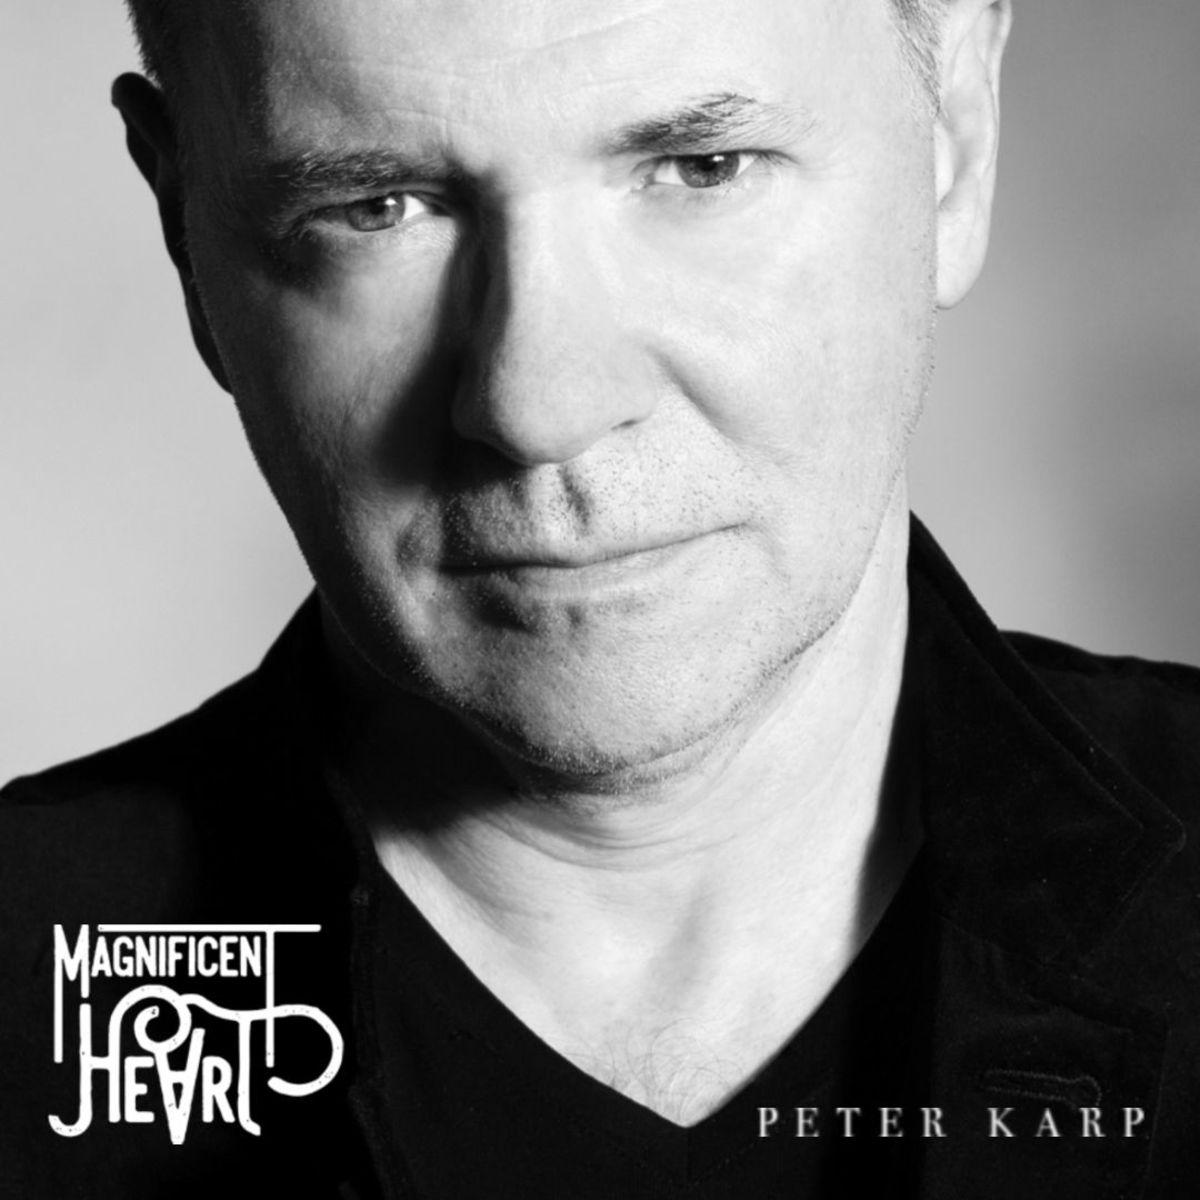 Peter Karp